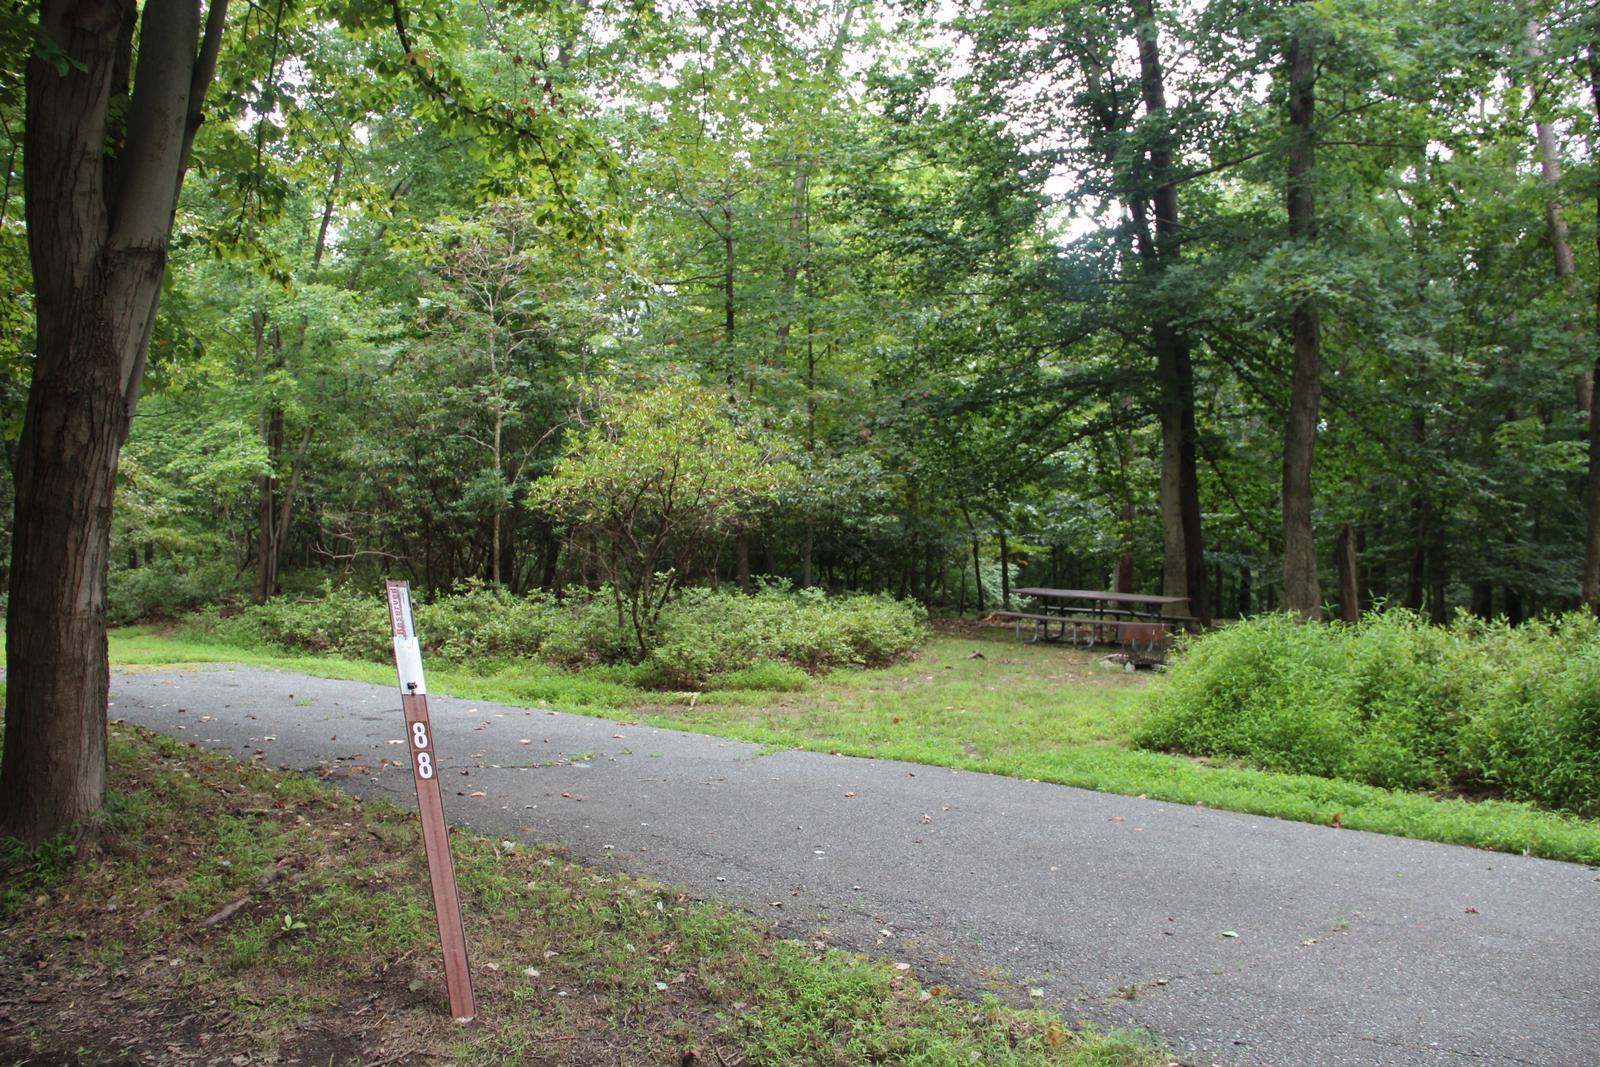 Greenbelt Park Campground Site 88